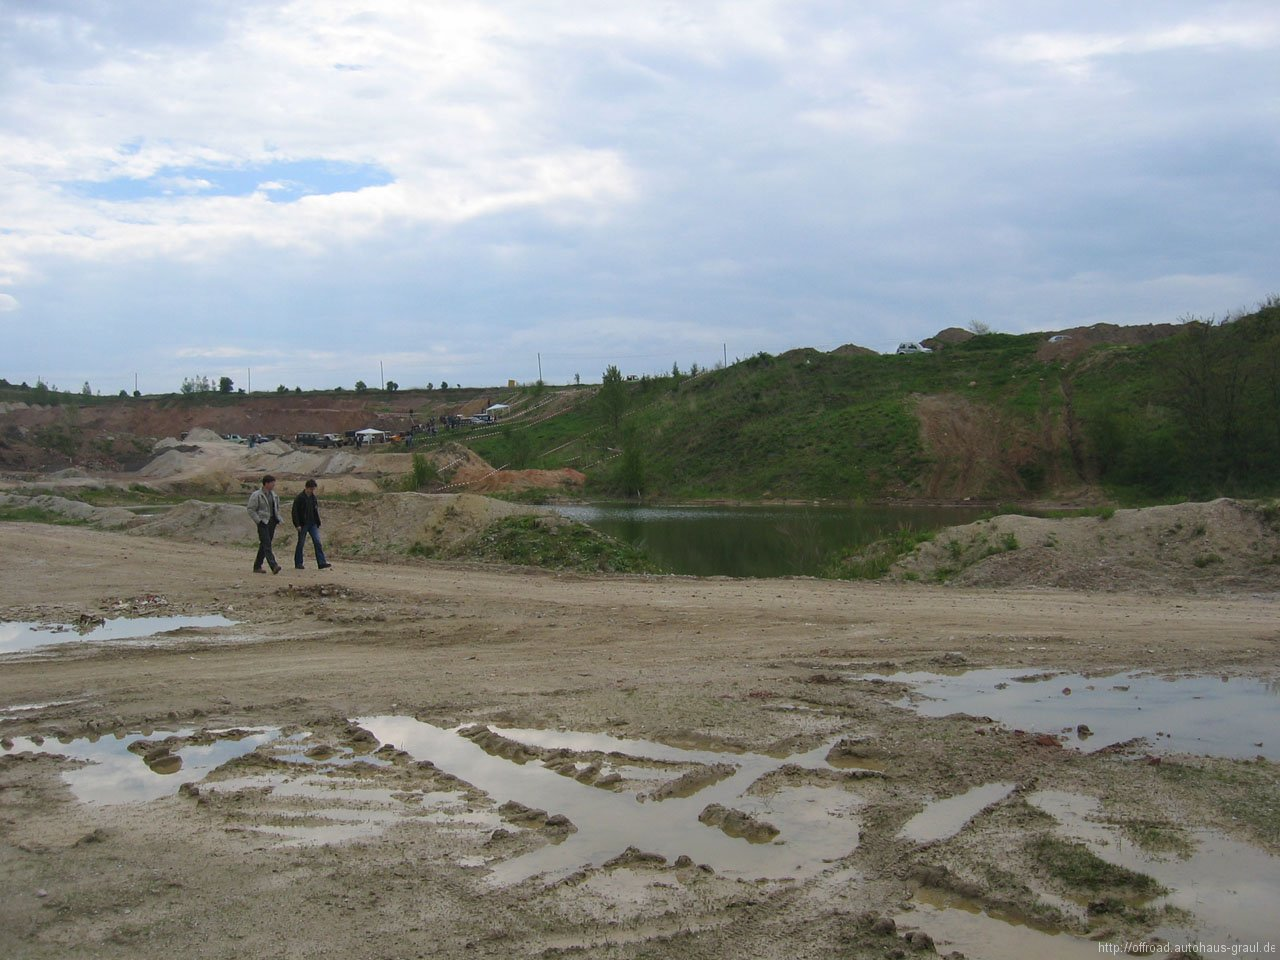 Trail Chemnitz - 2005 - Bild 3